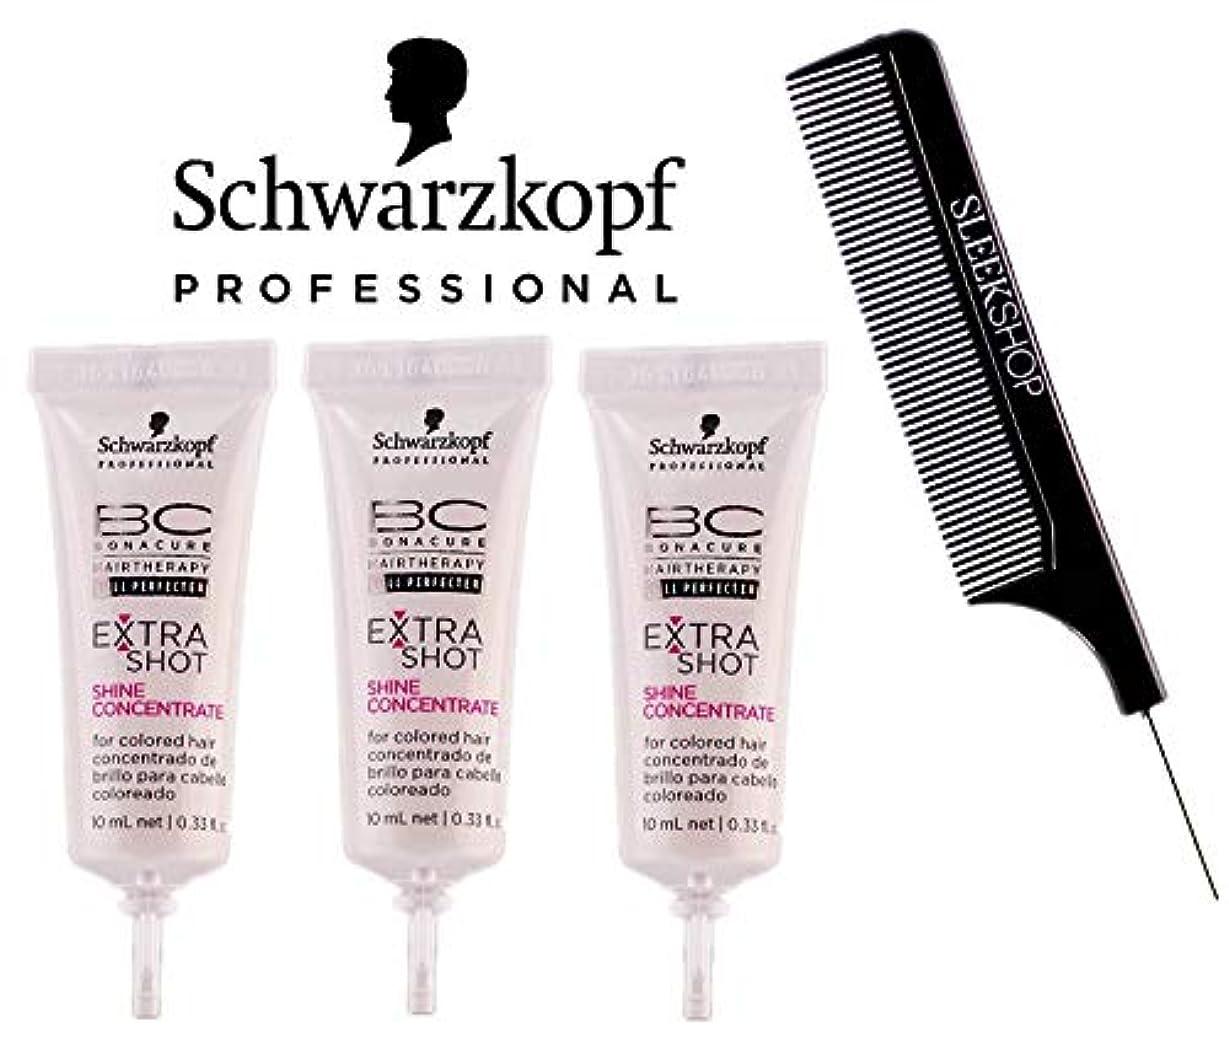 ジャズ活性化するトライアスリートSchwarzkopf (なめらかなスチールピンテールコーム付き)色の髪のためのBC Bonacureエキストラショット磨きコンセントレイト (3-pack) x 0.33 oz